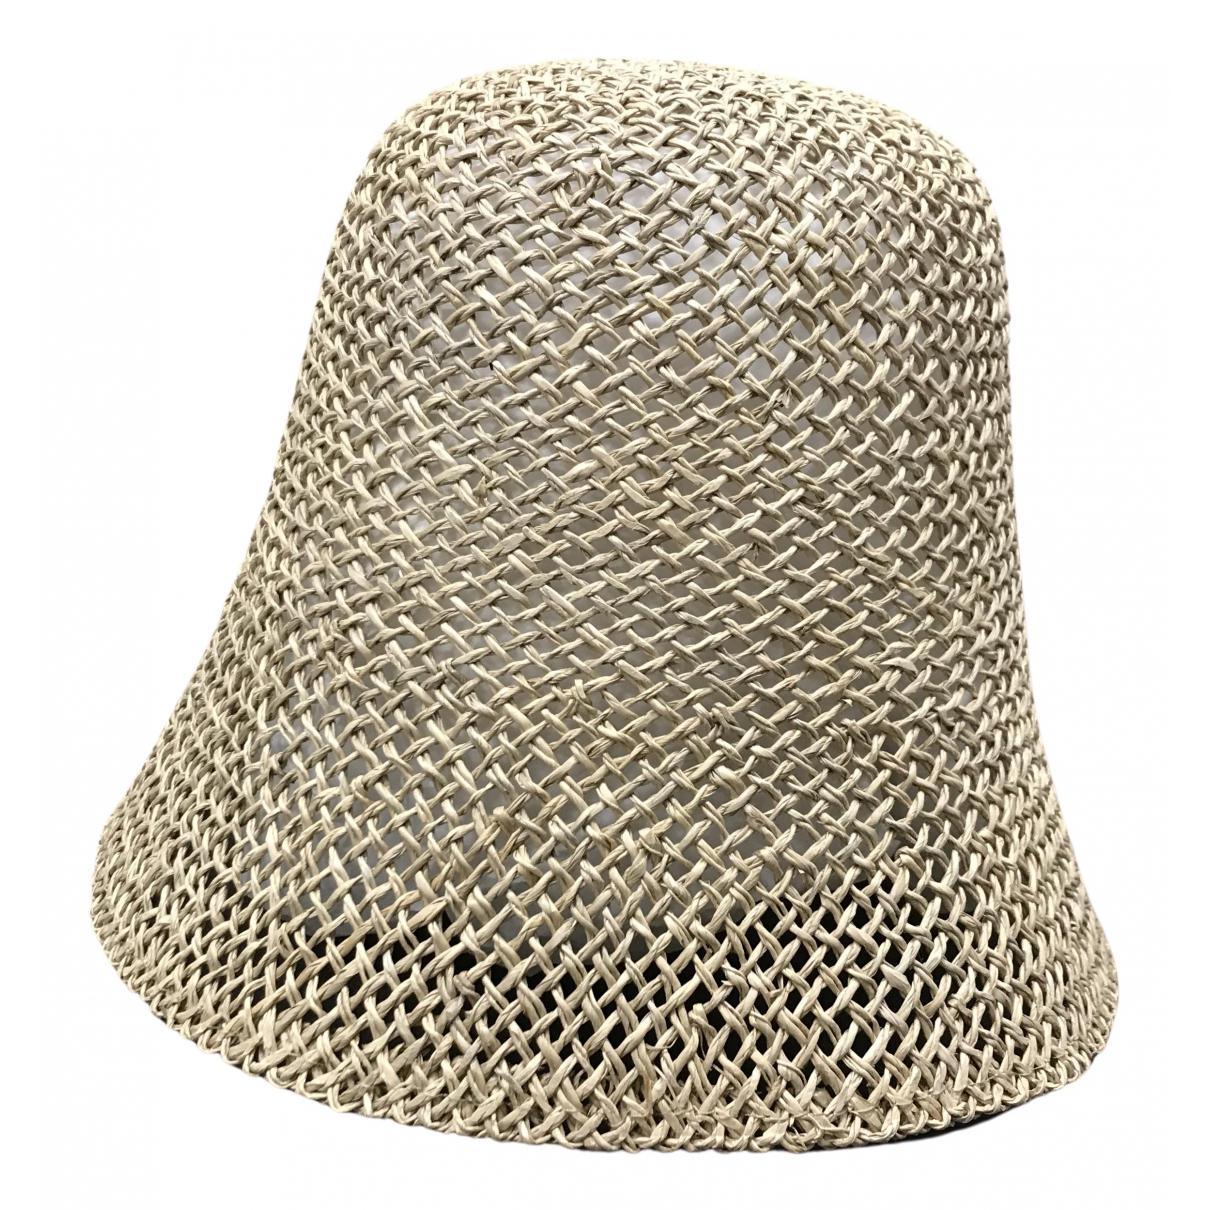 Max Mara 's N Camel Wicker hat for Women 58 cm